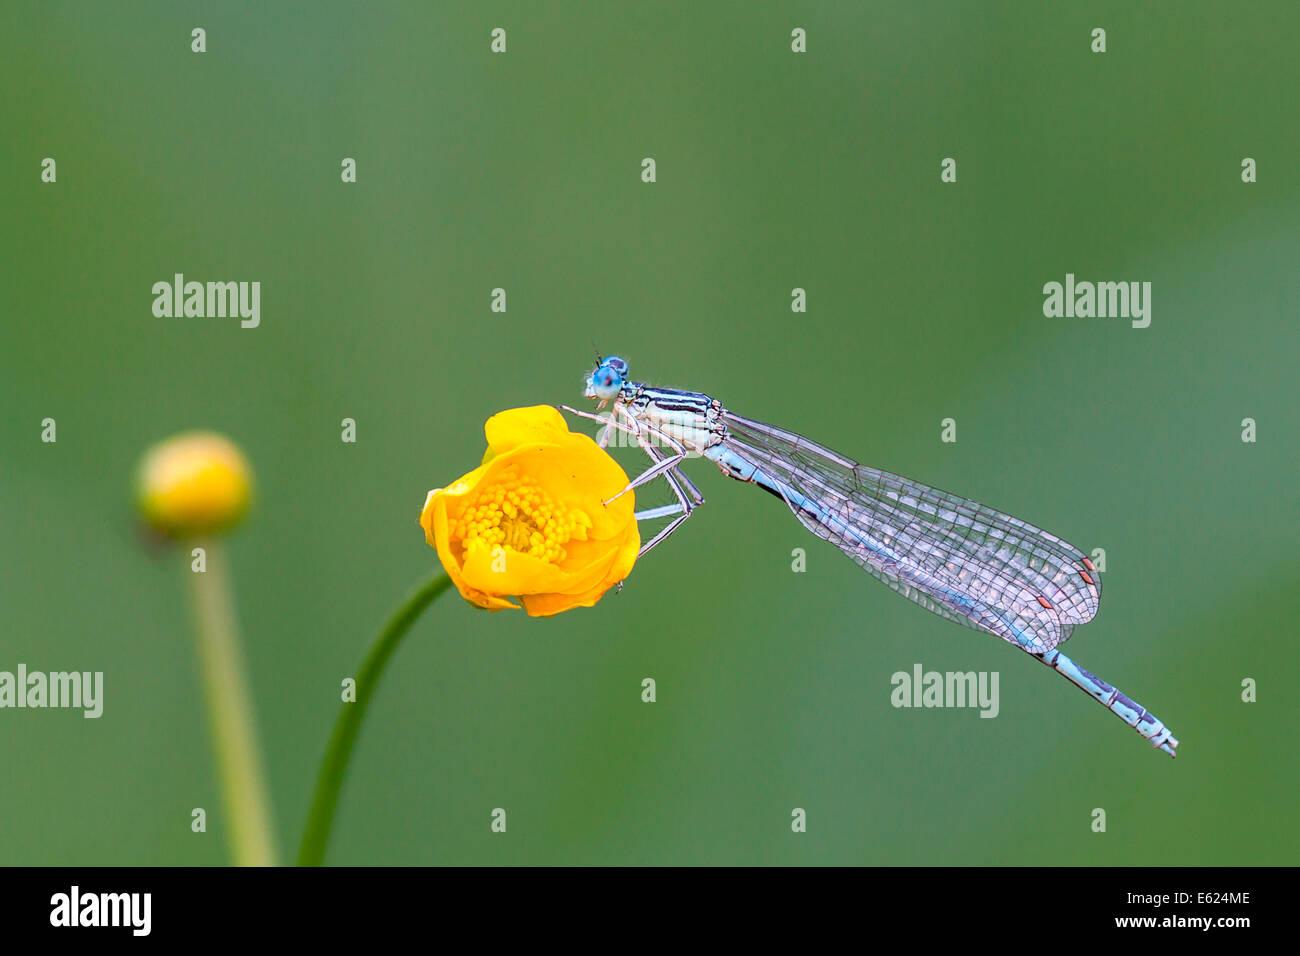 Libellule (Zygoptera) sur fleur de renoncule (Ranunculus), Hesse du Nord, Hesse, Allemagne Banque D'Images